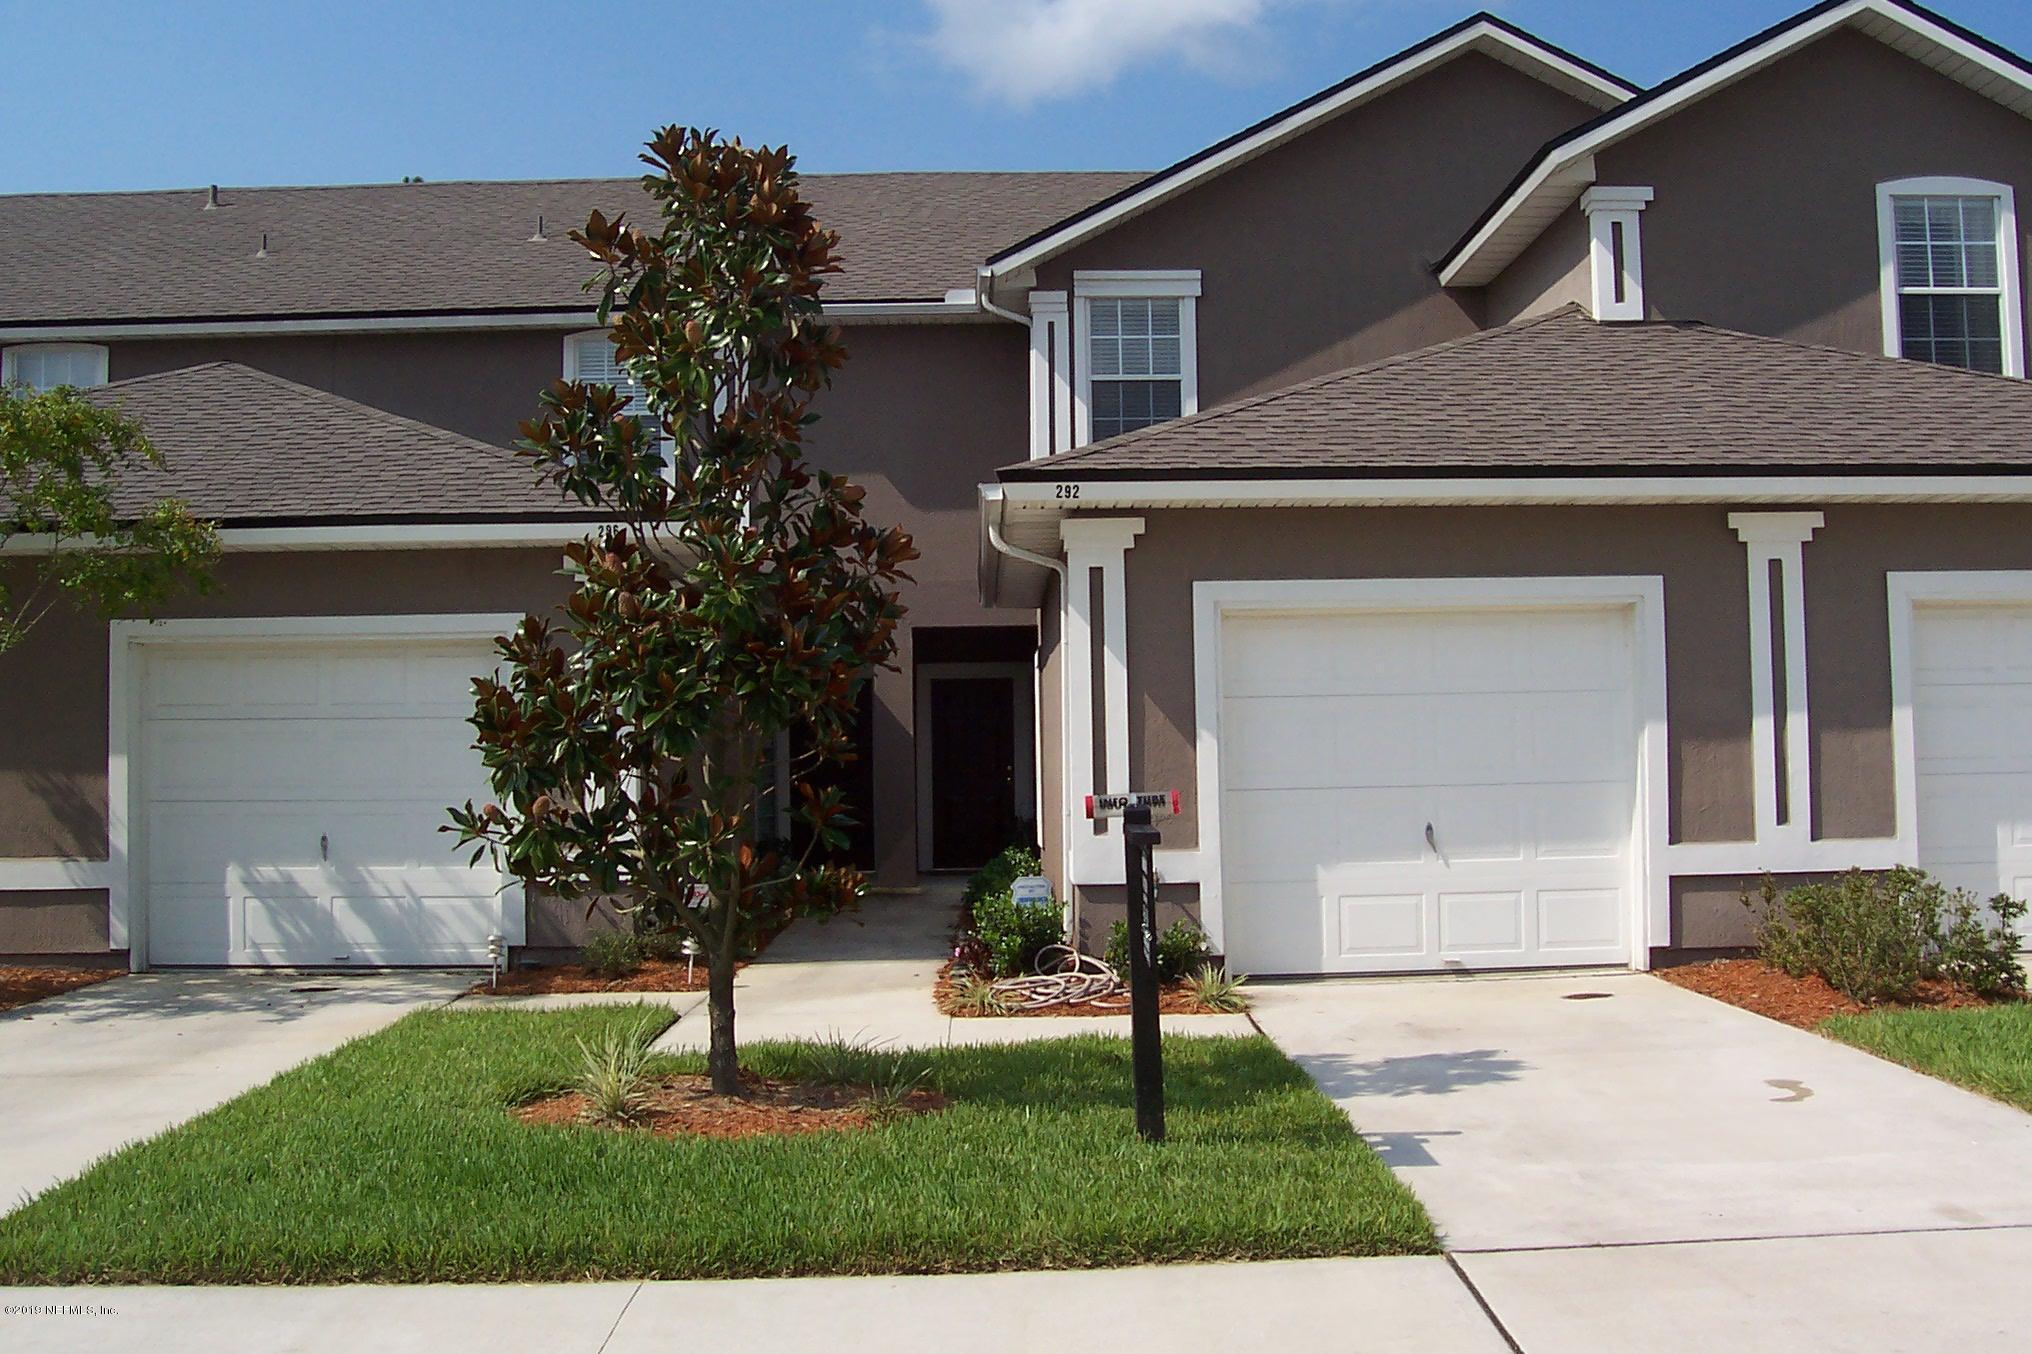 292 Scrub Jay Dr St Augustine, FL 32092